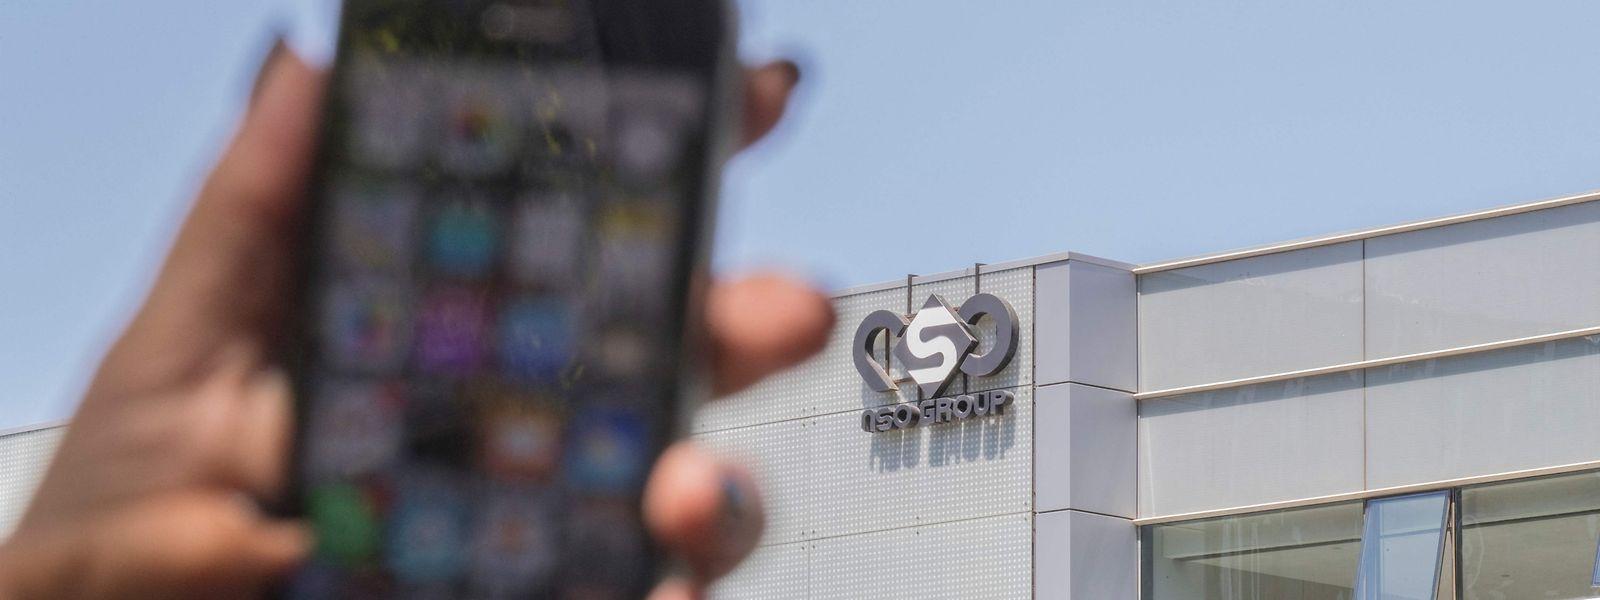 Das System der NSO Group kann in Echtzeit Smartphones ausspähen, Gespräche mitschneiden, Standortdaten auslesen und die Kamera aktivieren.